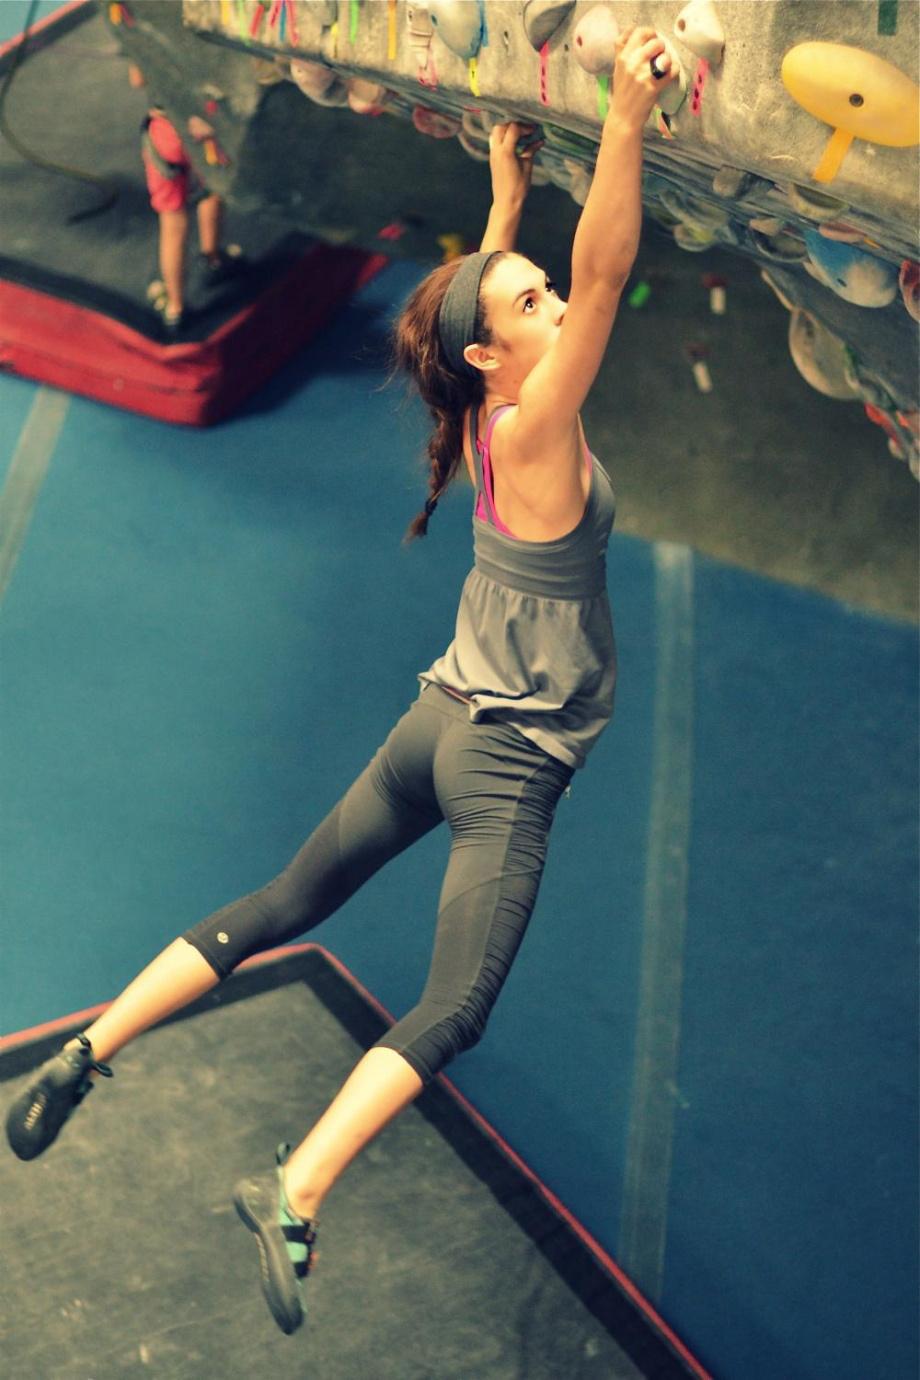 ルダリングをする女の子!引き締まった筋肉質な美女